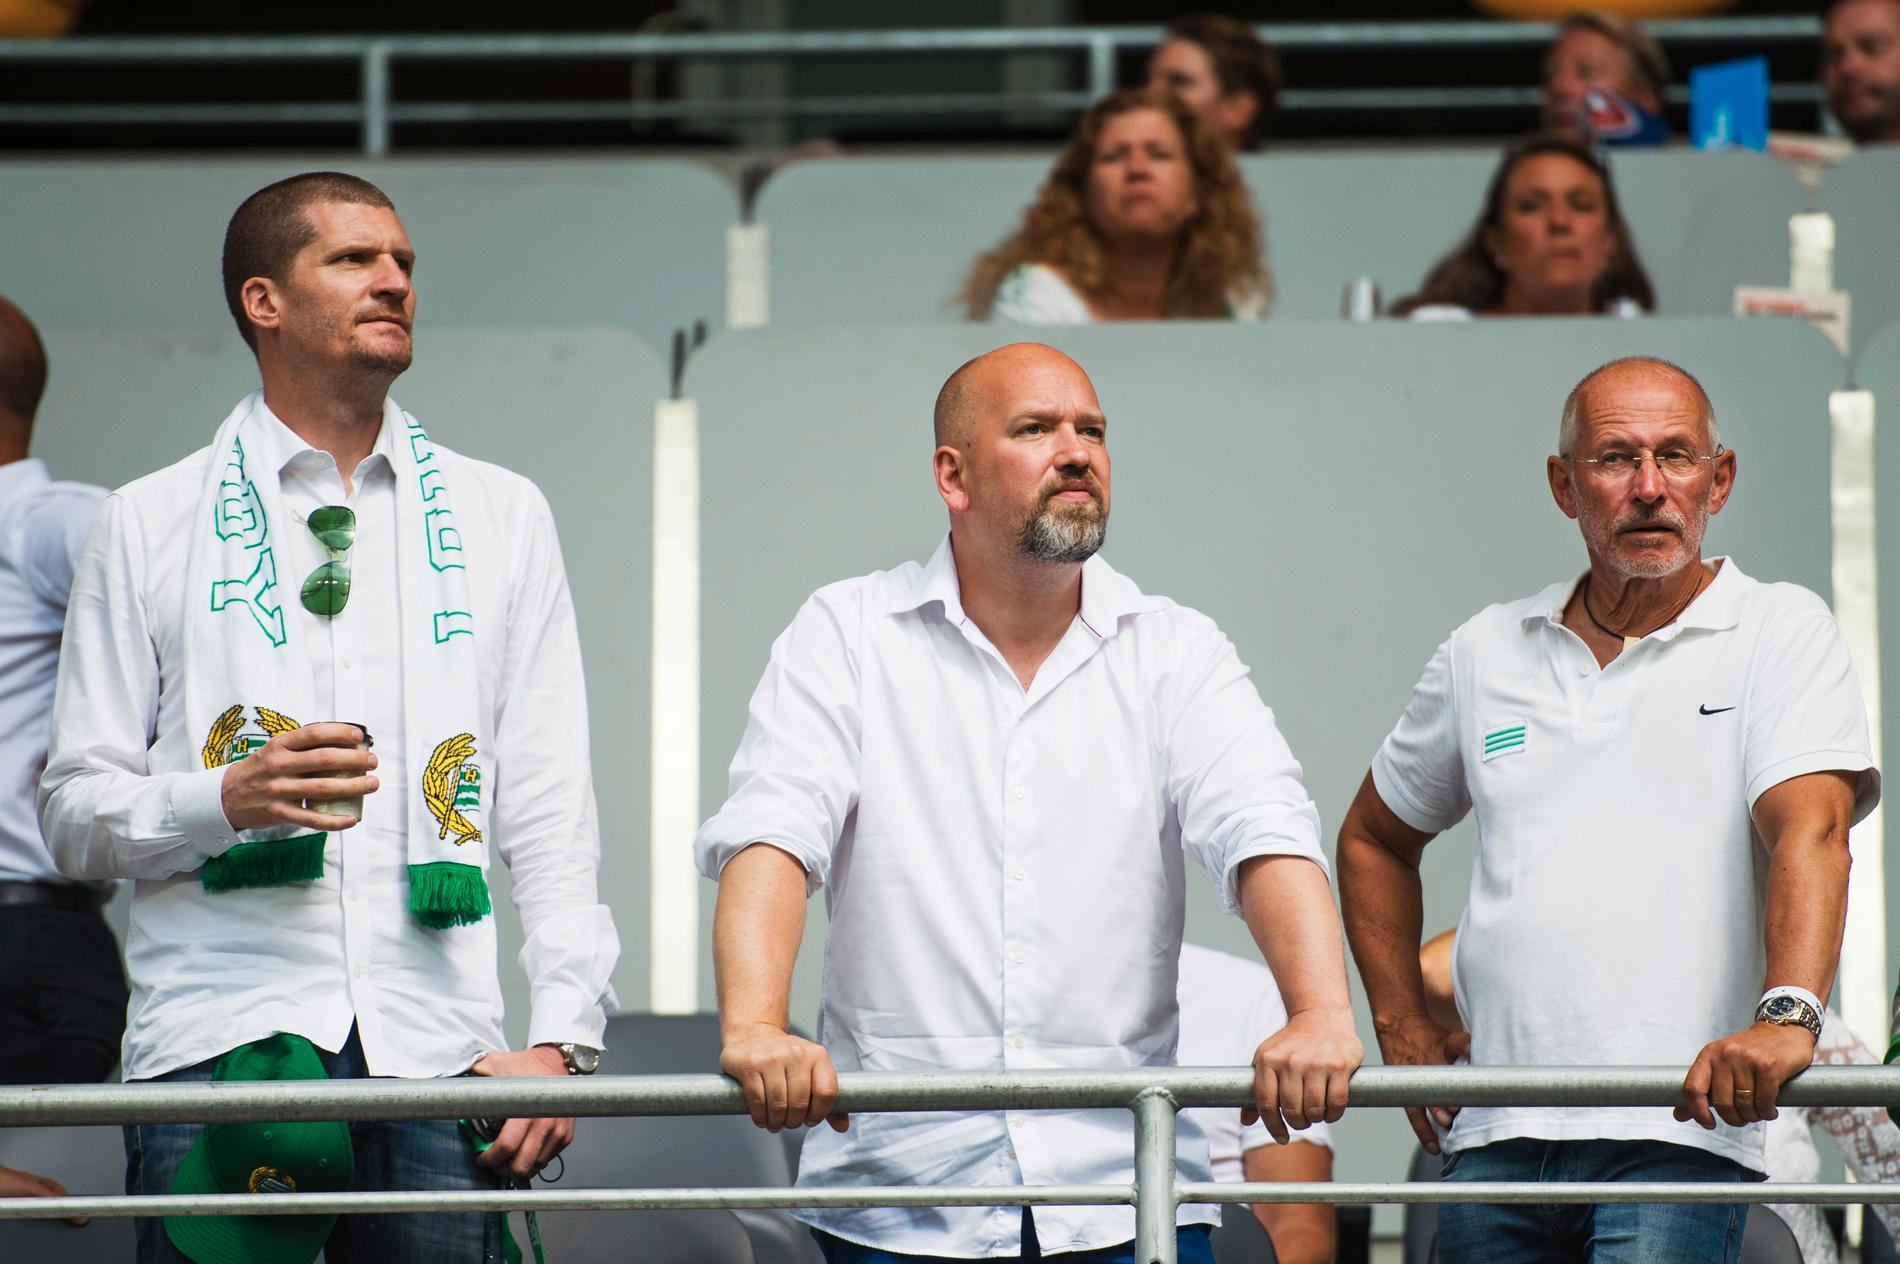 Ordförande Richard von Yxkull till vänster, och vd Henrik Kindlund i mitten.